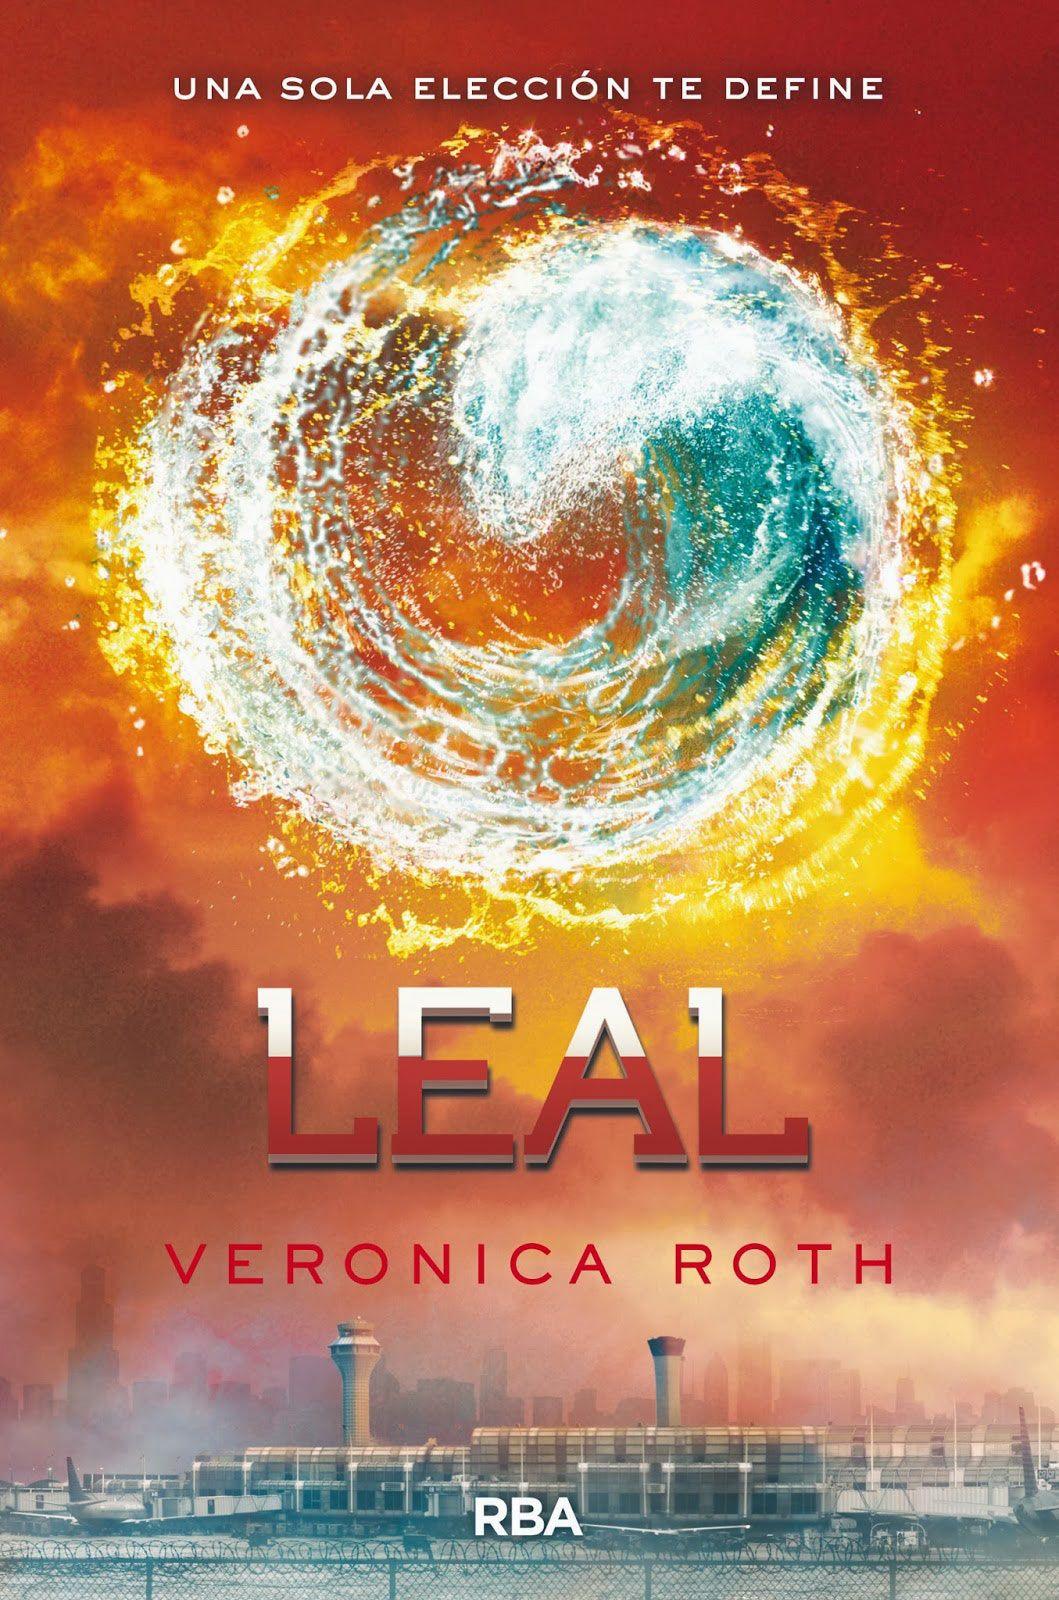 Libro Leal Disfruta leyendo la última entrega de la trilogía de la autora Verónica Roth.